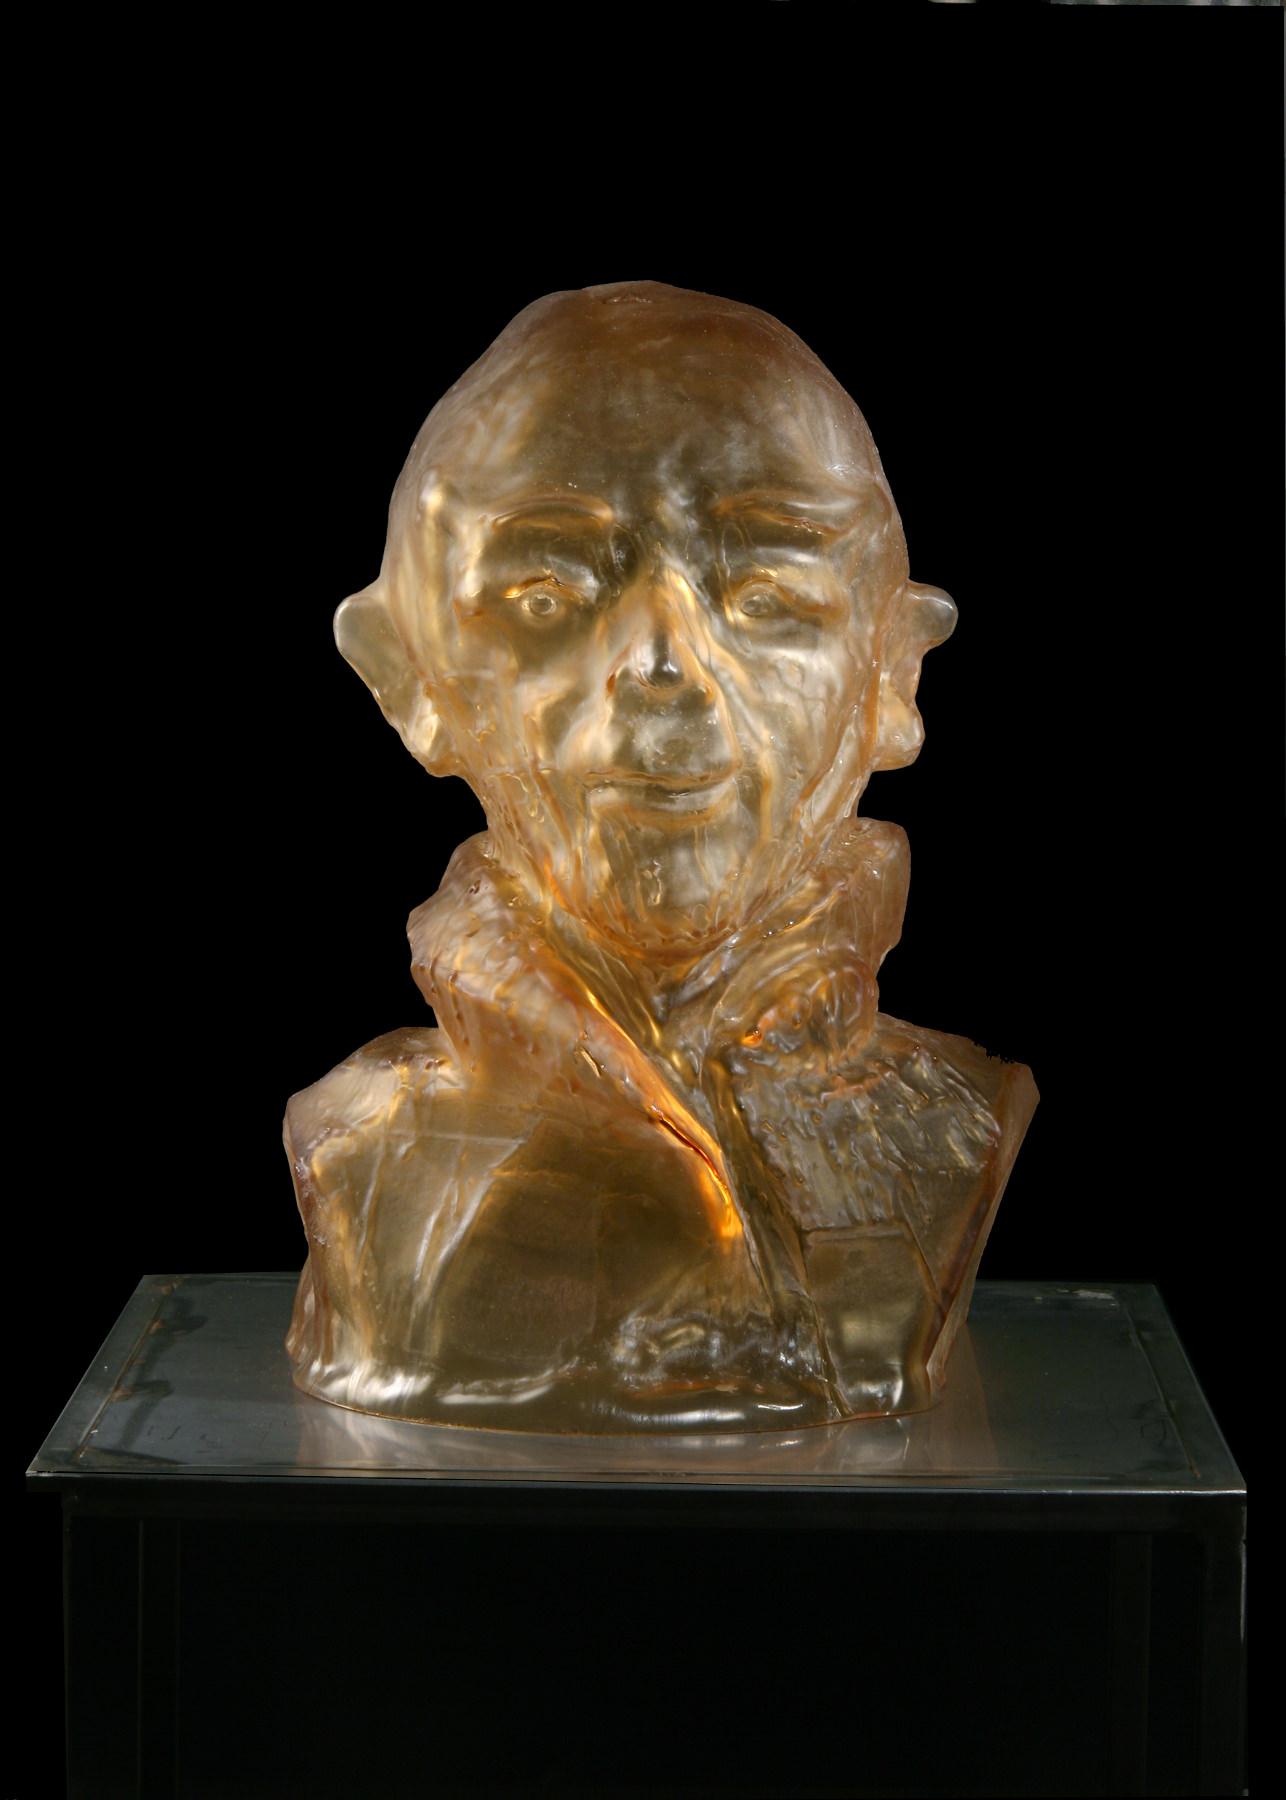 Thomas Schutte - Berengo Head